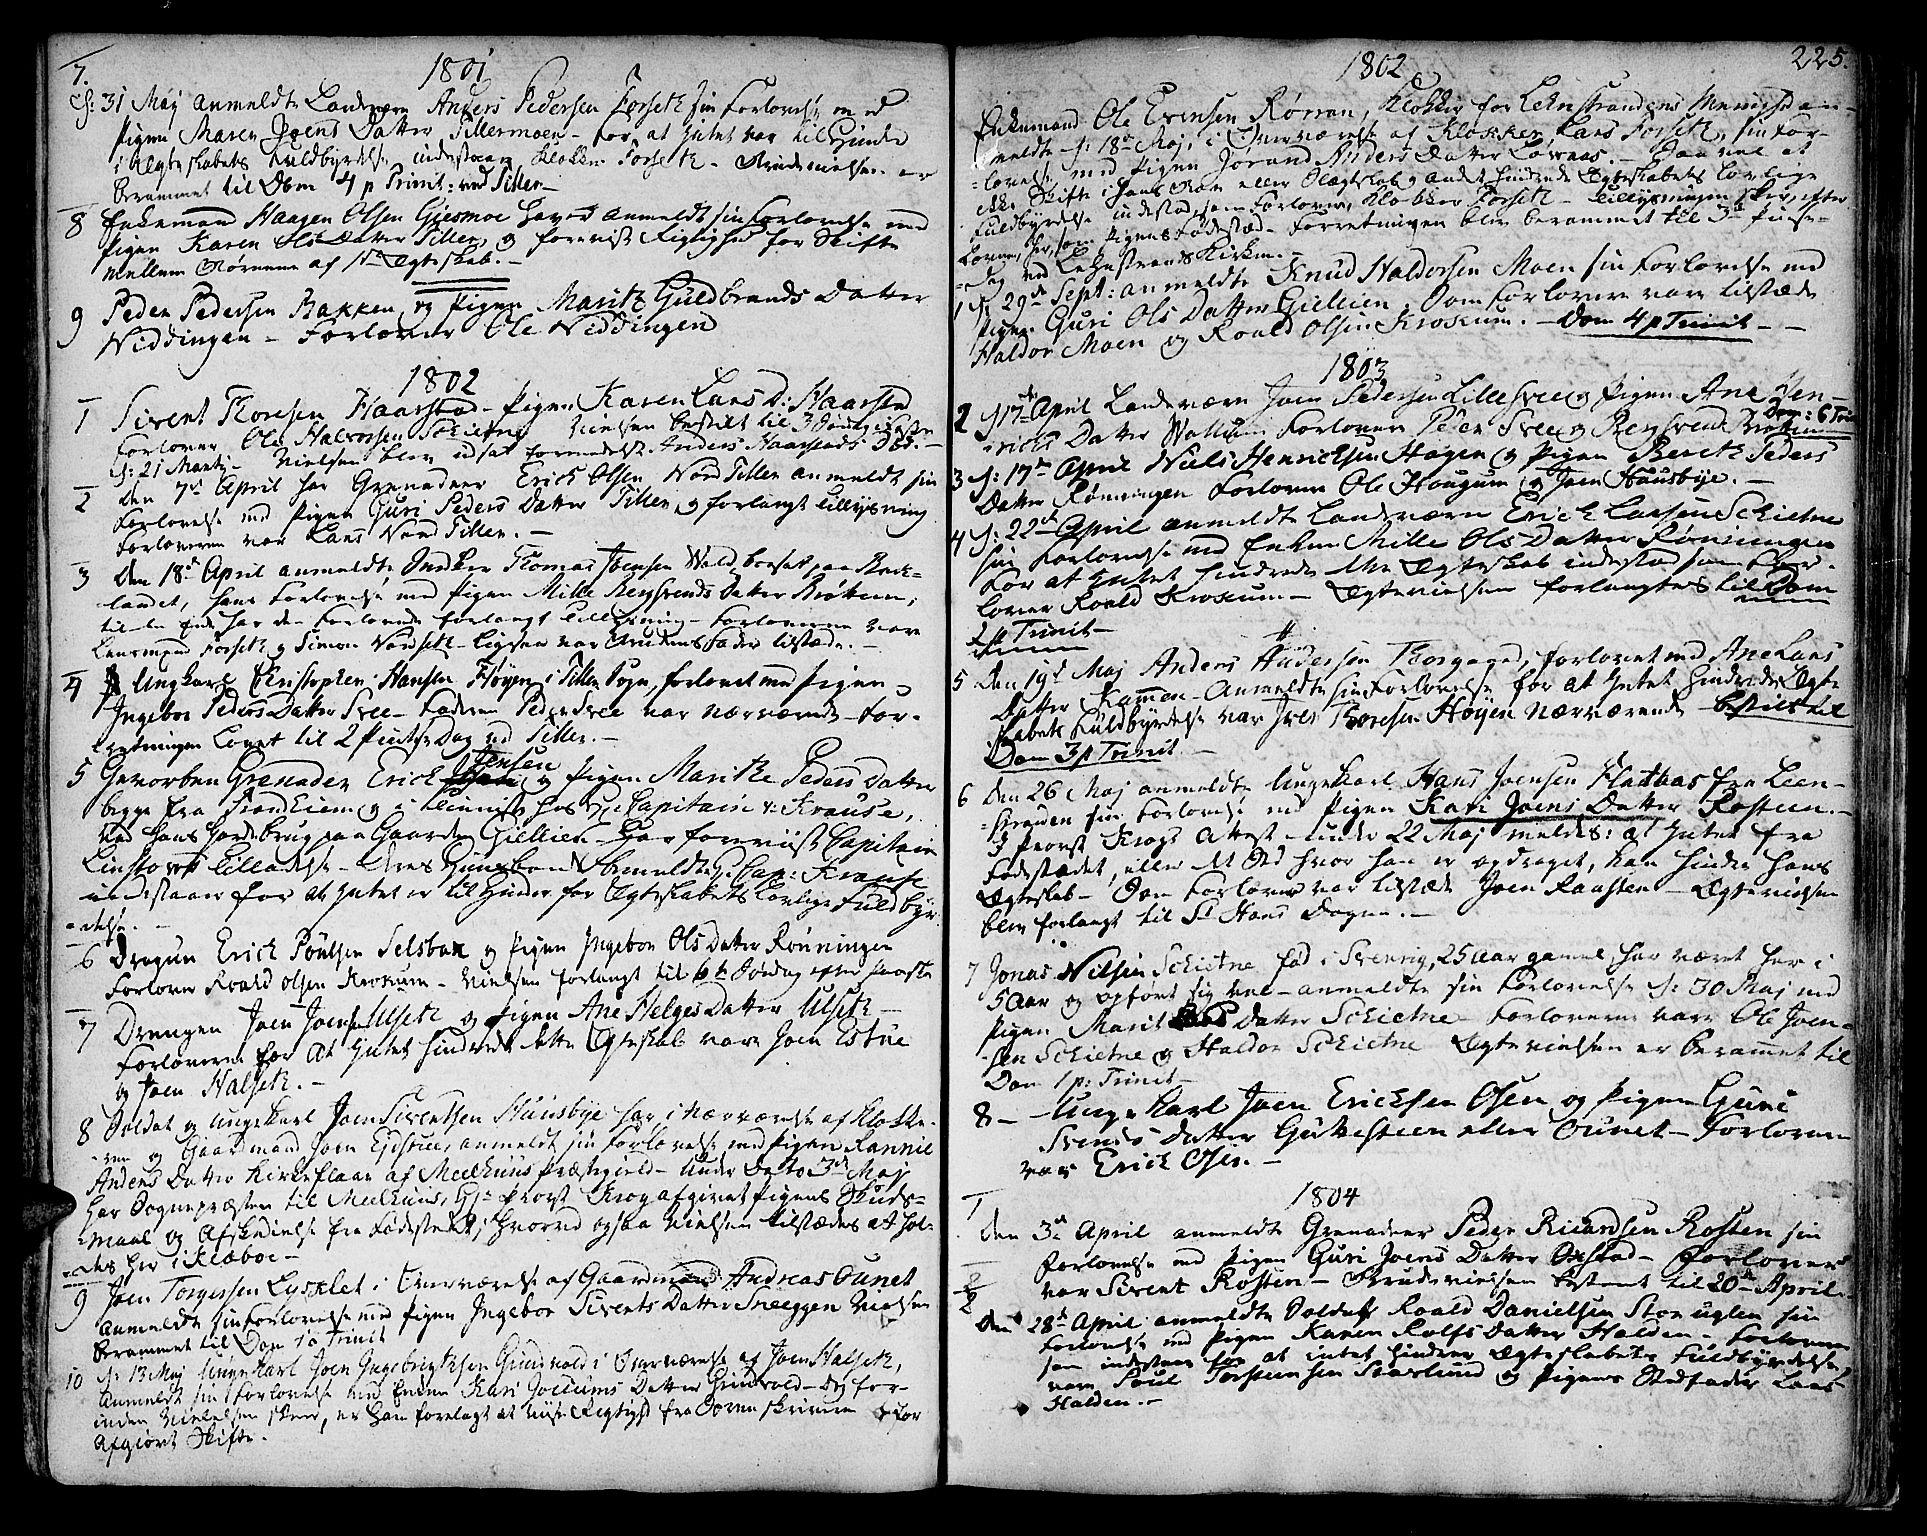 SAT, Ministerialprotokoller, klokkerbøker og fødselsregistre - Sør-Trøndelag, 618/L0438: Ministerialbok nr. 618A03, 1783-1815, s. 225